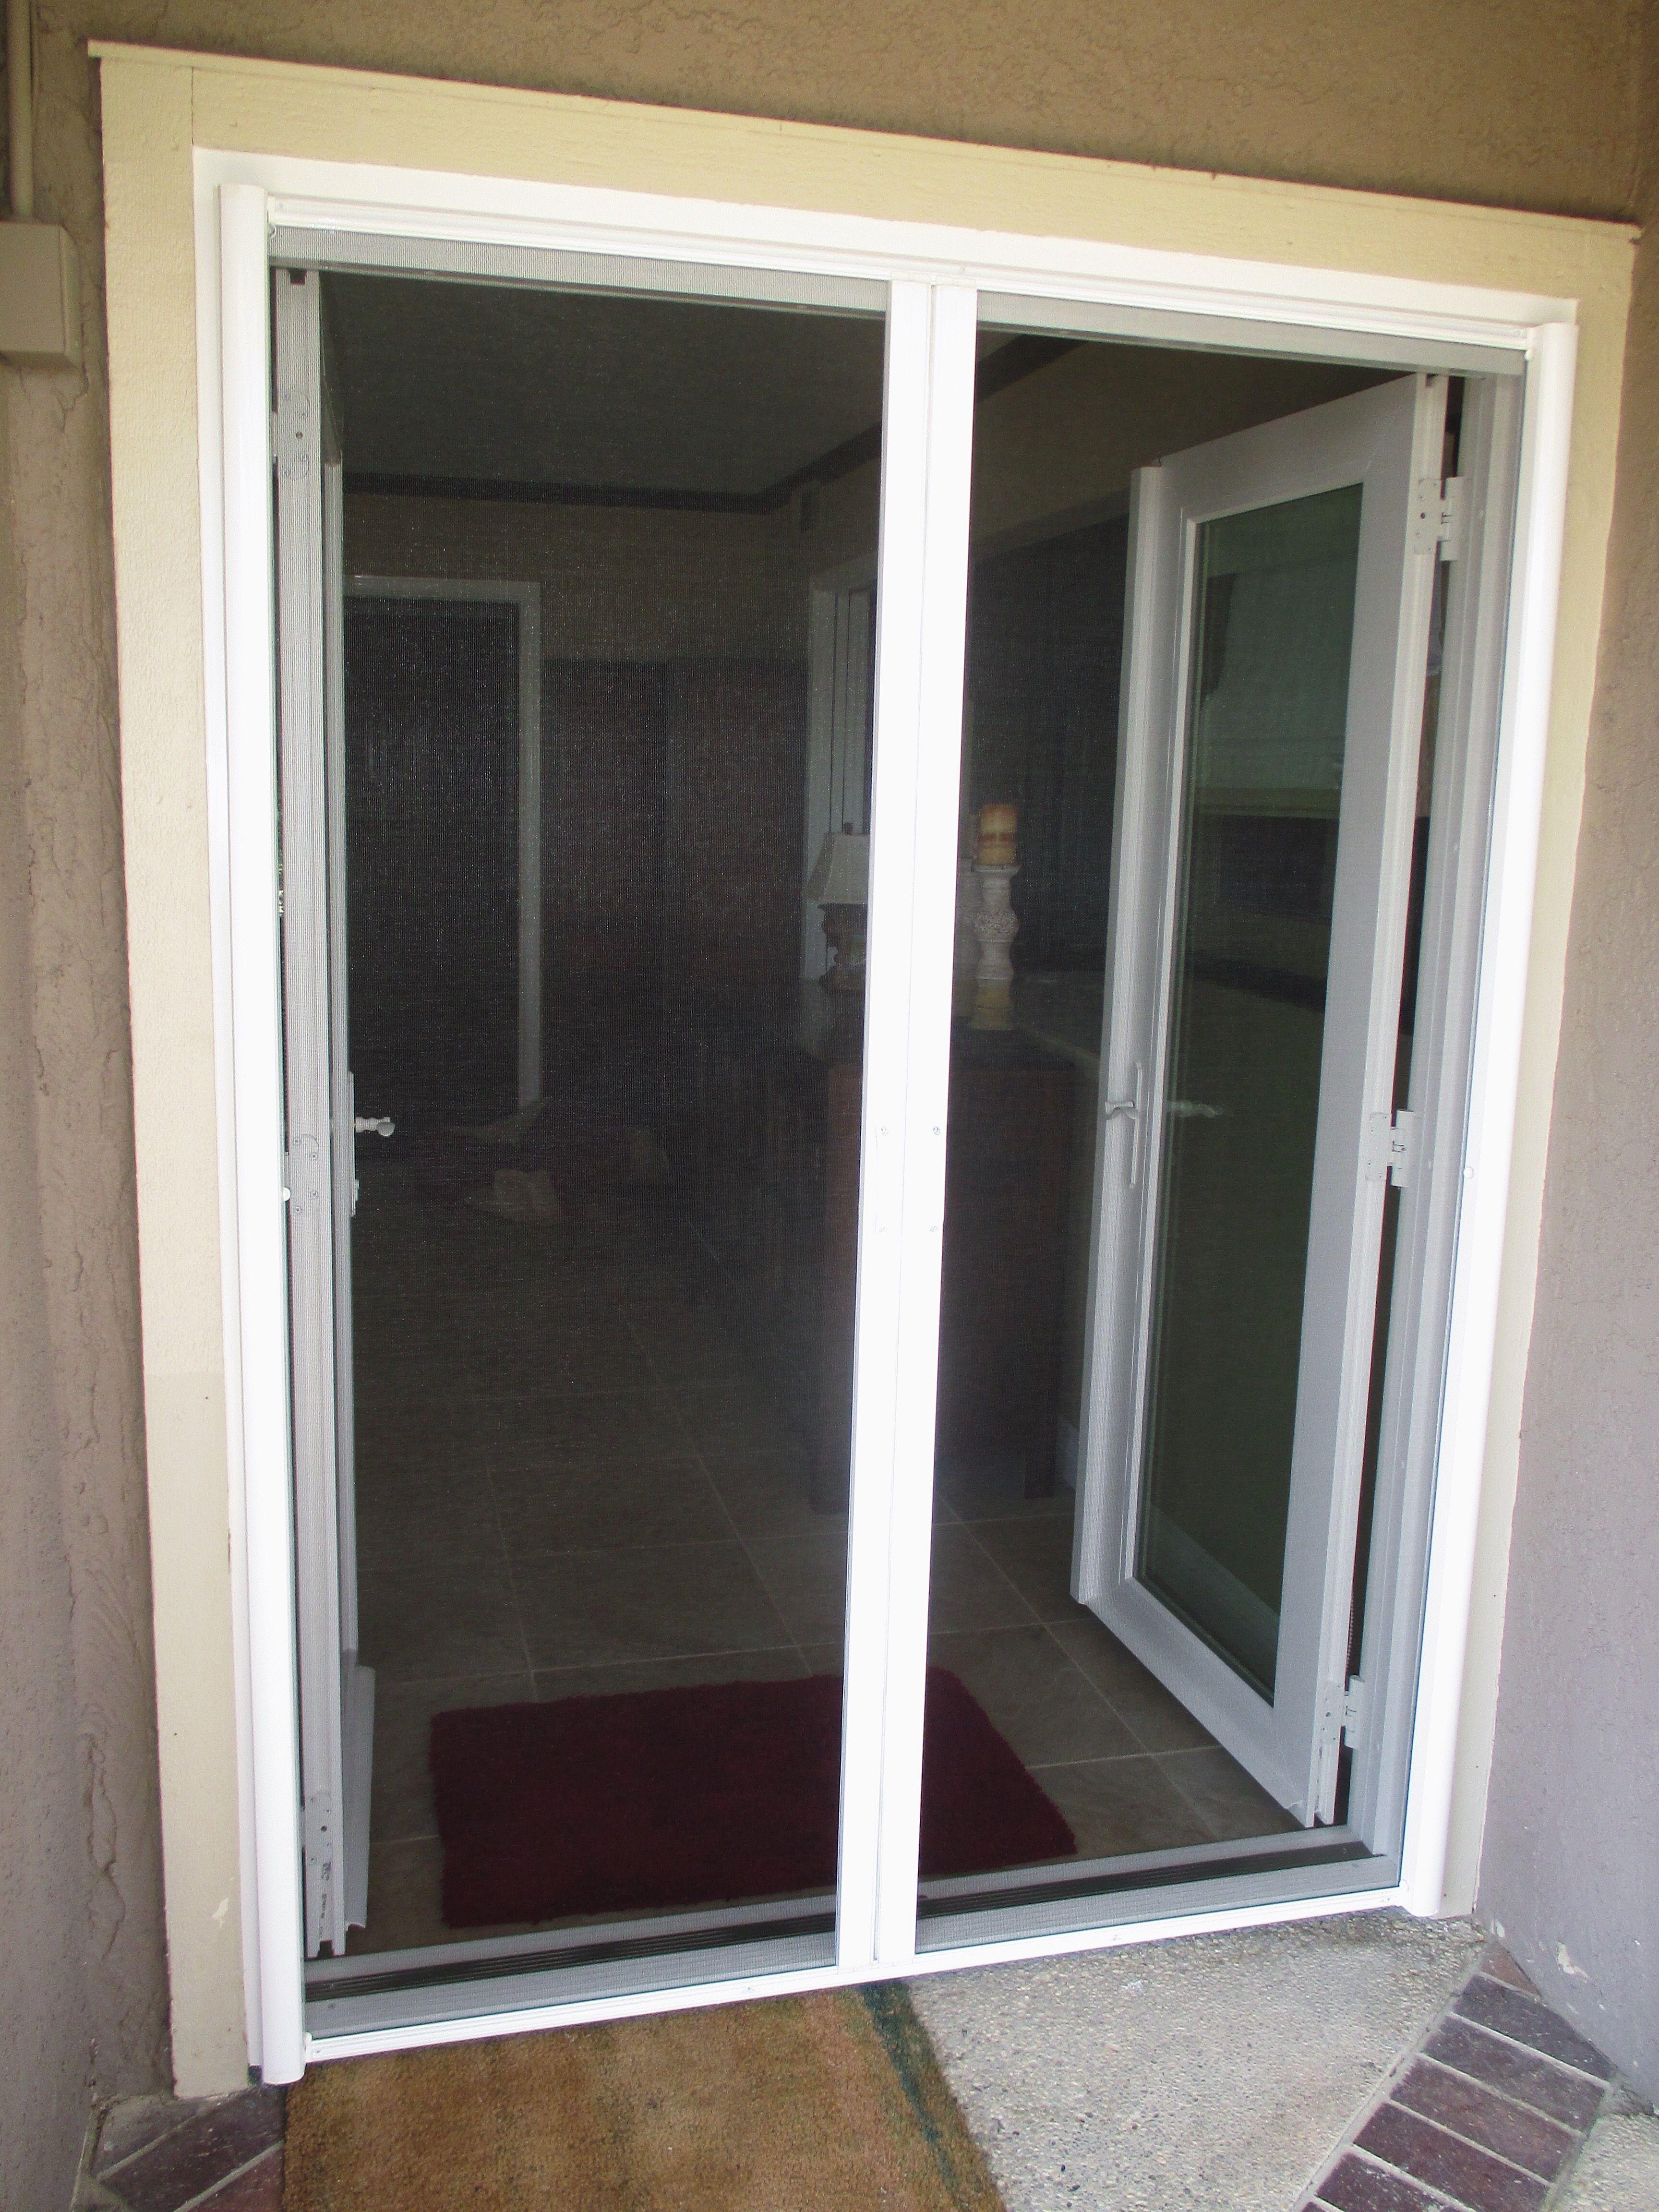 Double In Swing Stowaway Retractable Screen Door System In Brea Ca